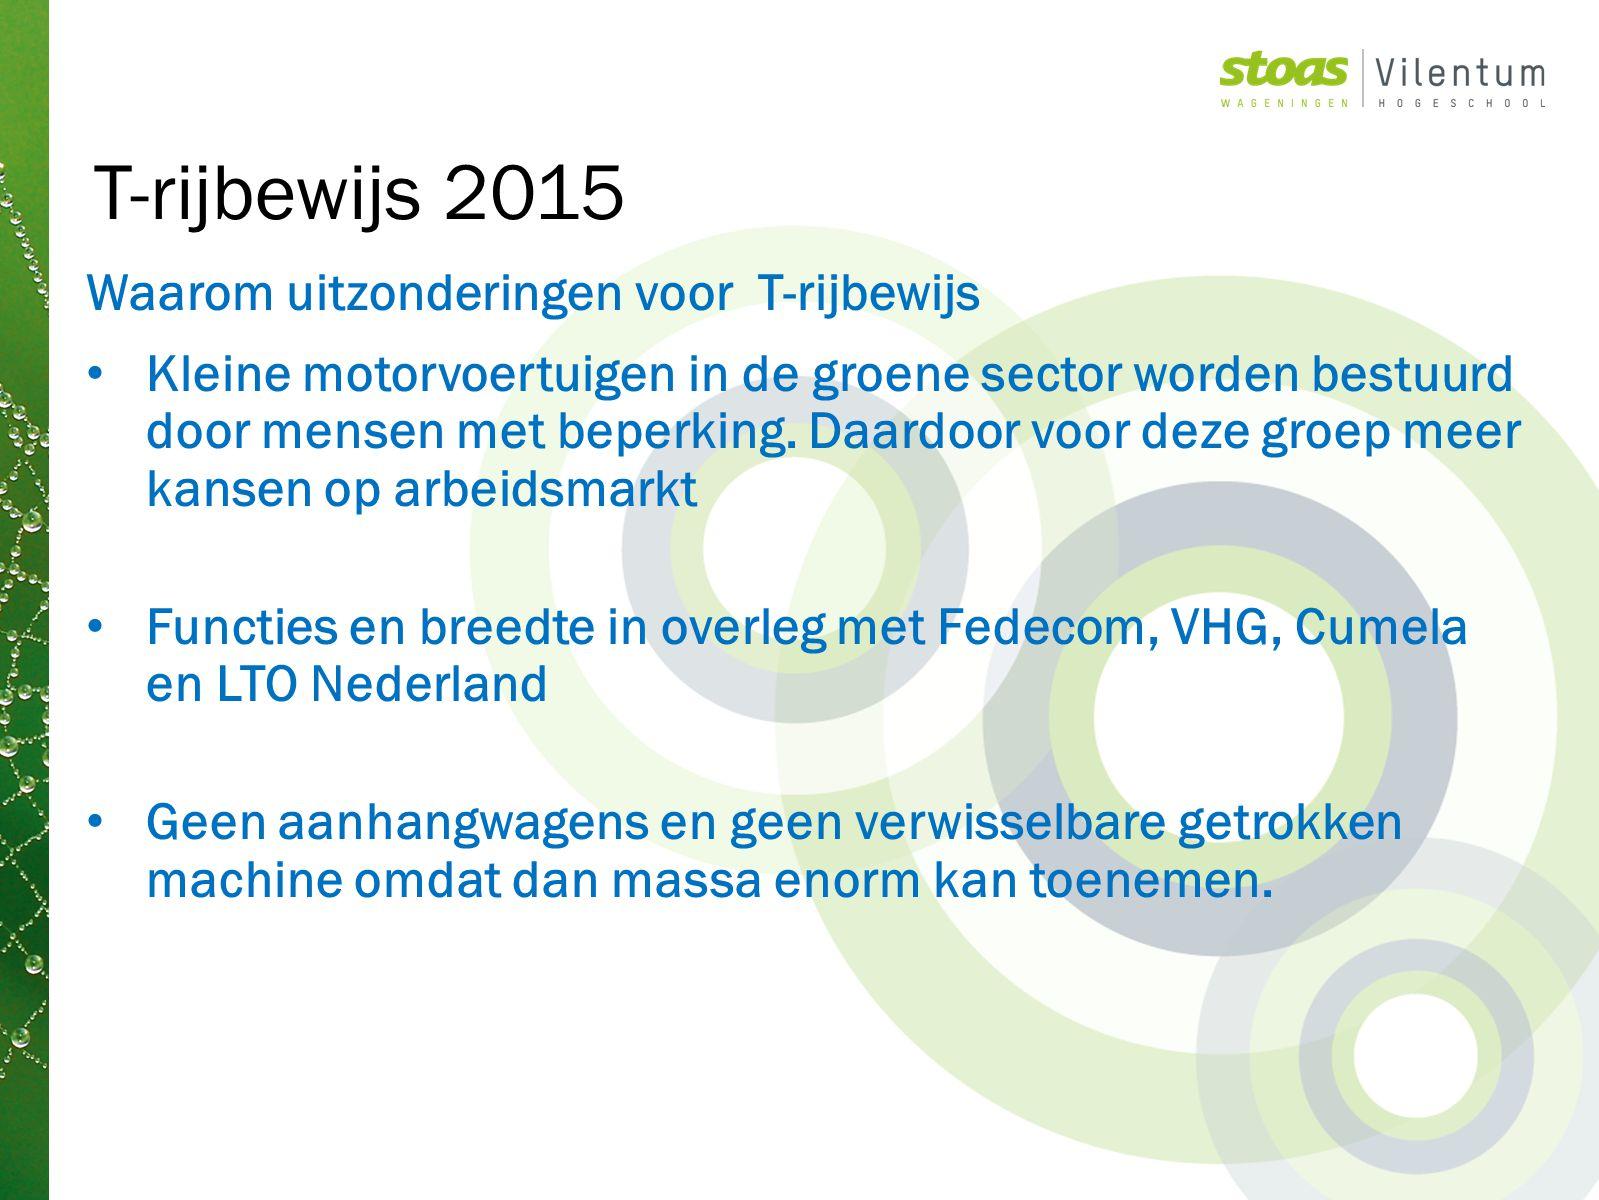 T-rijbewijs 2015 Waarom uitzonderingen voor T-rijbewijs